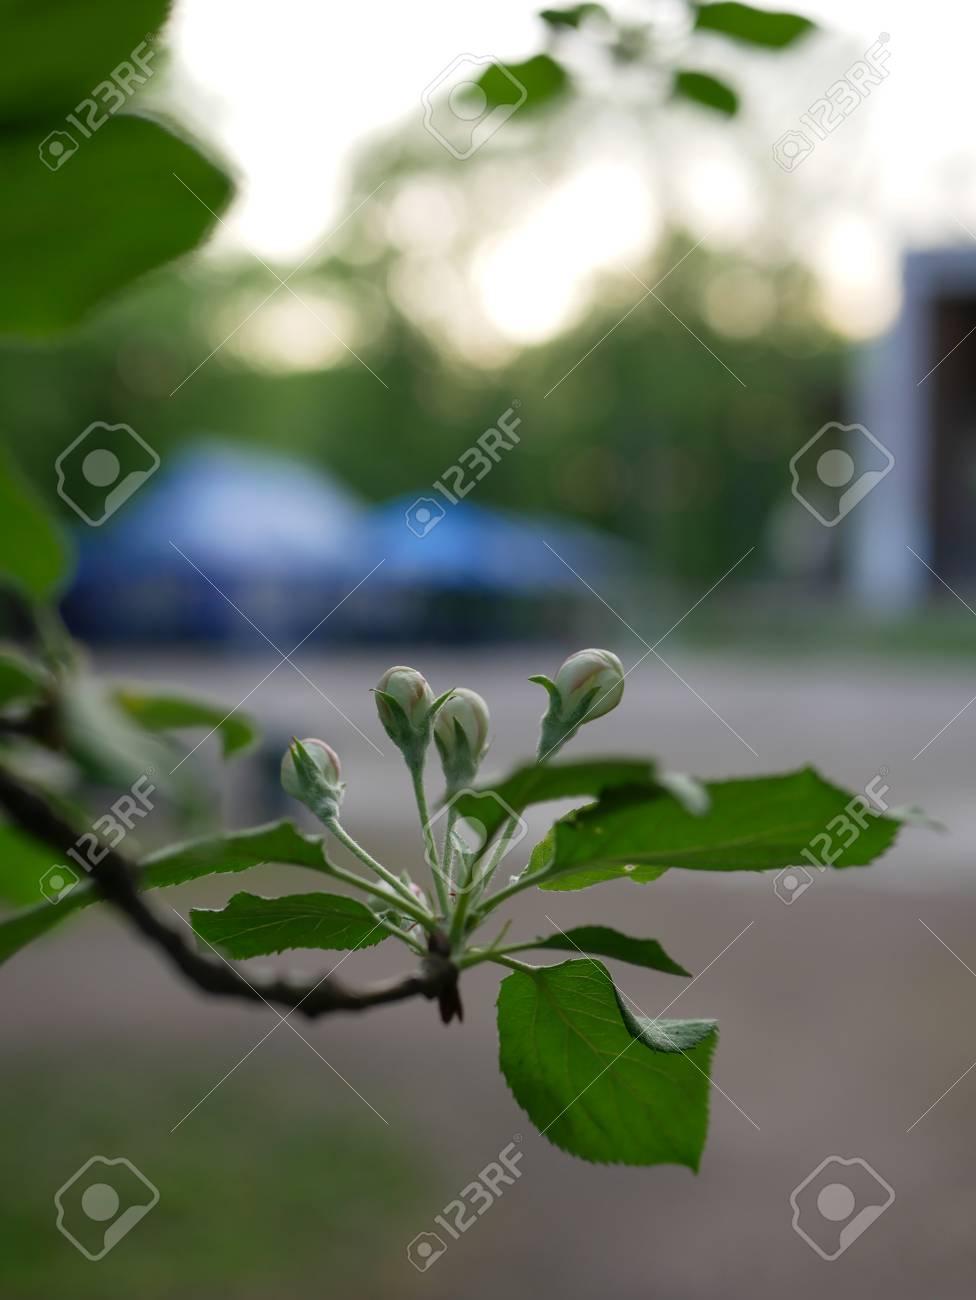 Spring mood. Flowering tree in a park in spring. - 101661827